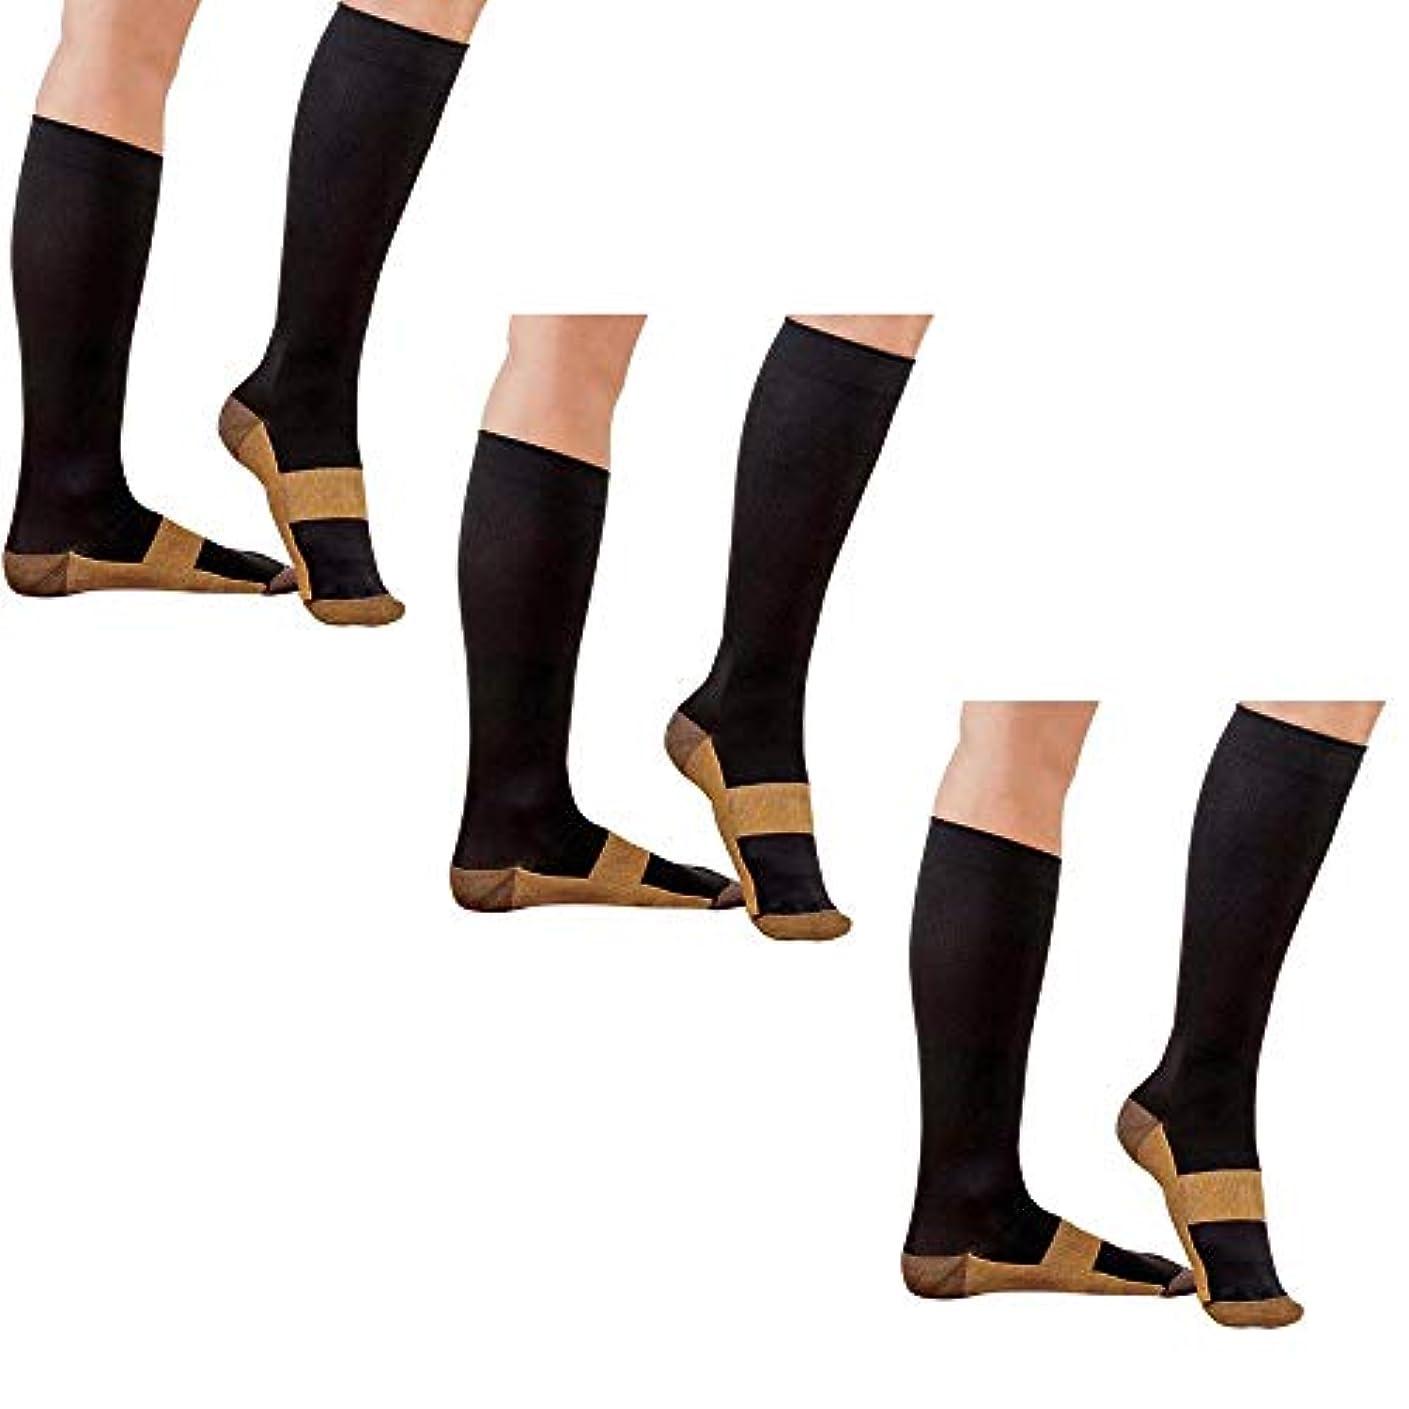 ハブエミュレーション用量3足組 足底筋膜炎ソックス 20-30mmHg 着圧ソックス 加圧ソックス スポーツソックス ふくらはぎ 静脈瘤 リンパケア ひざ下 血行改善 むくみケア用靴下 ハイソックス むくみ 解消 足 メンズ レディース(S/M)